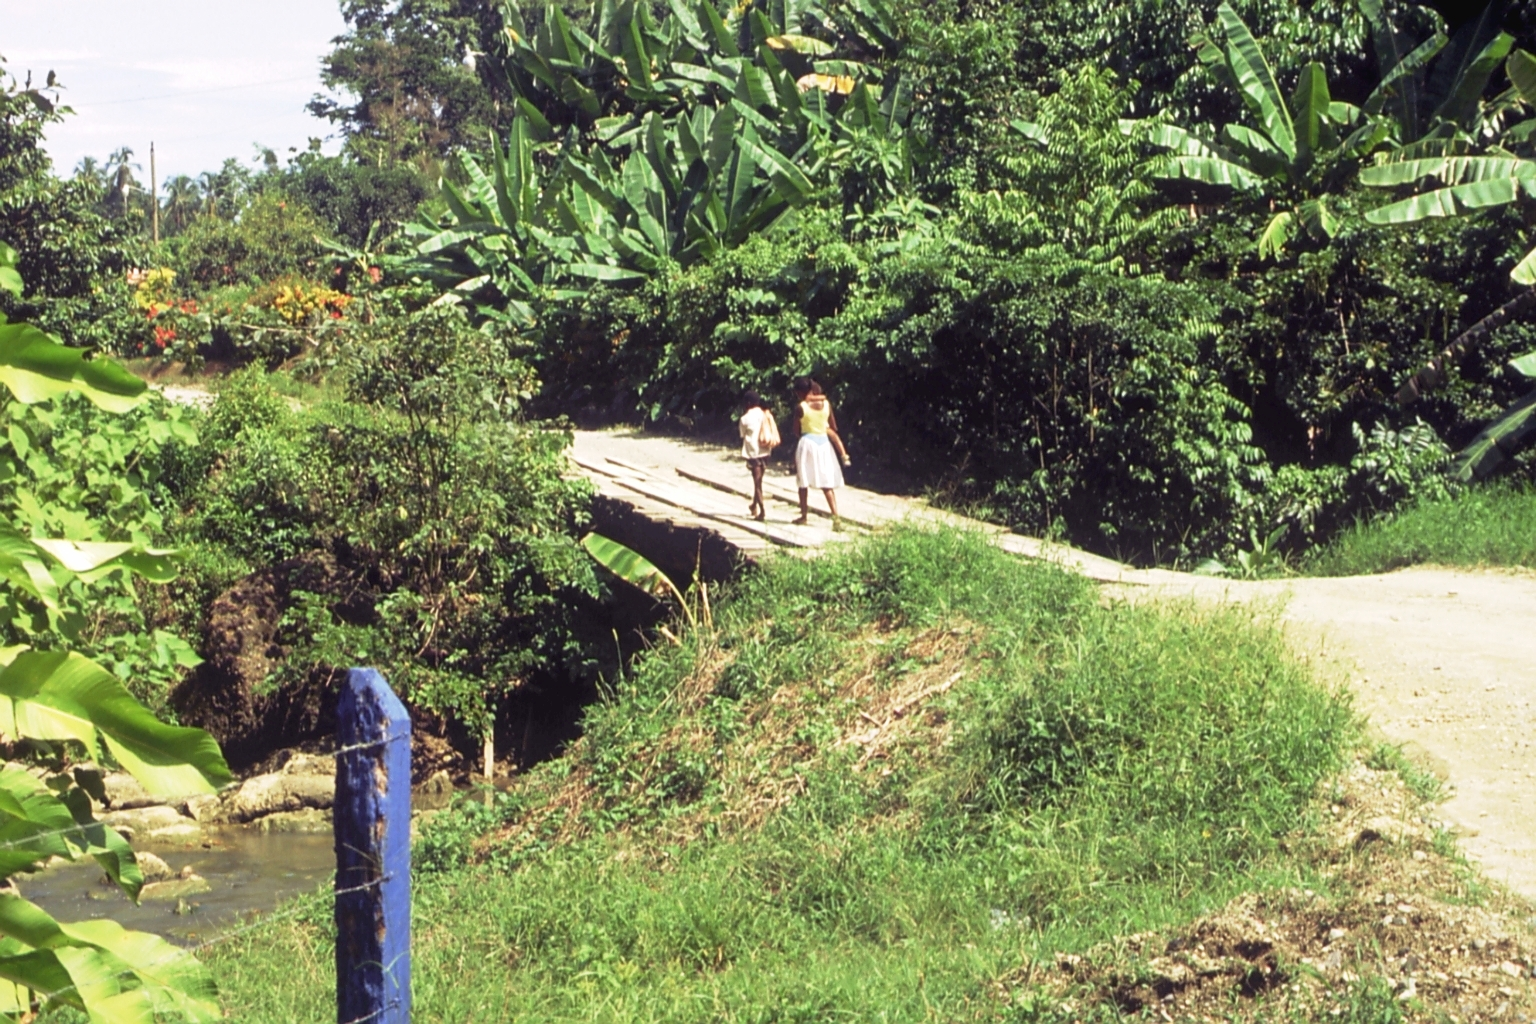 Caminando en Puente Rio Negro    Puerto Viejo    1991    CZ_001_036